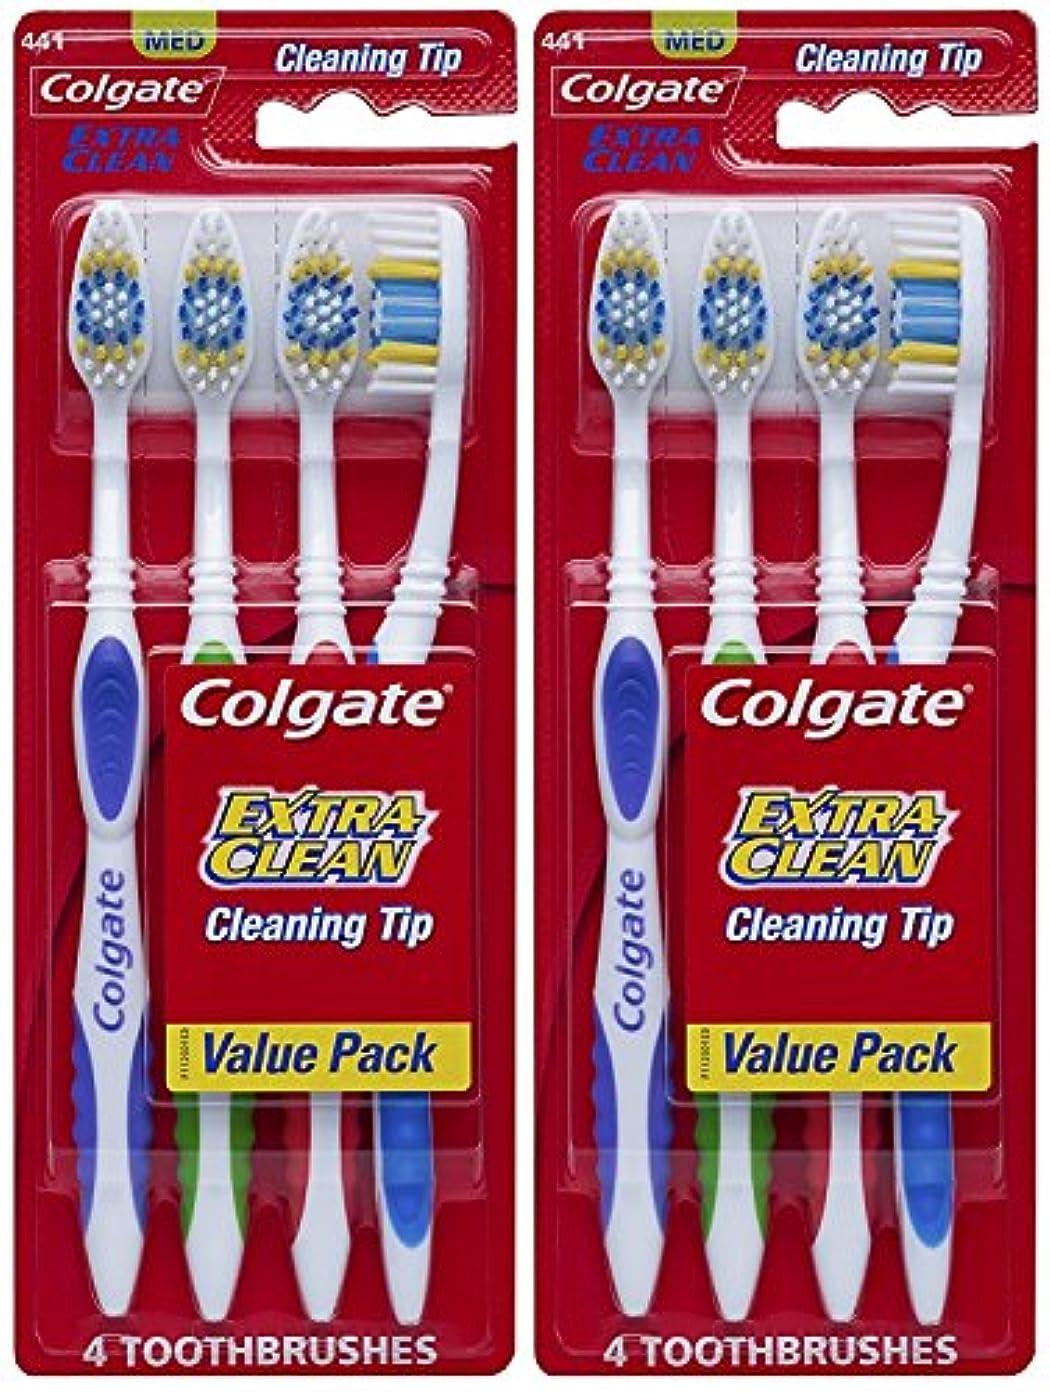 自発的デッドロック非行Colgate エクストラクリーン完全な頭部、ミディアム歯ブラシ、4-カウント(2パック)合計8歯ブラシ 8カウント